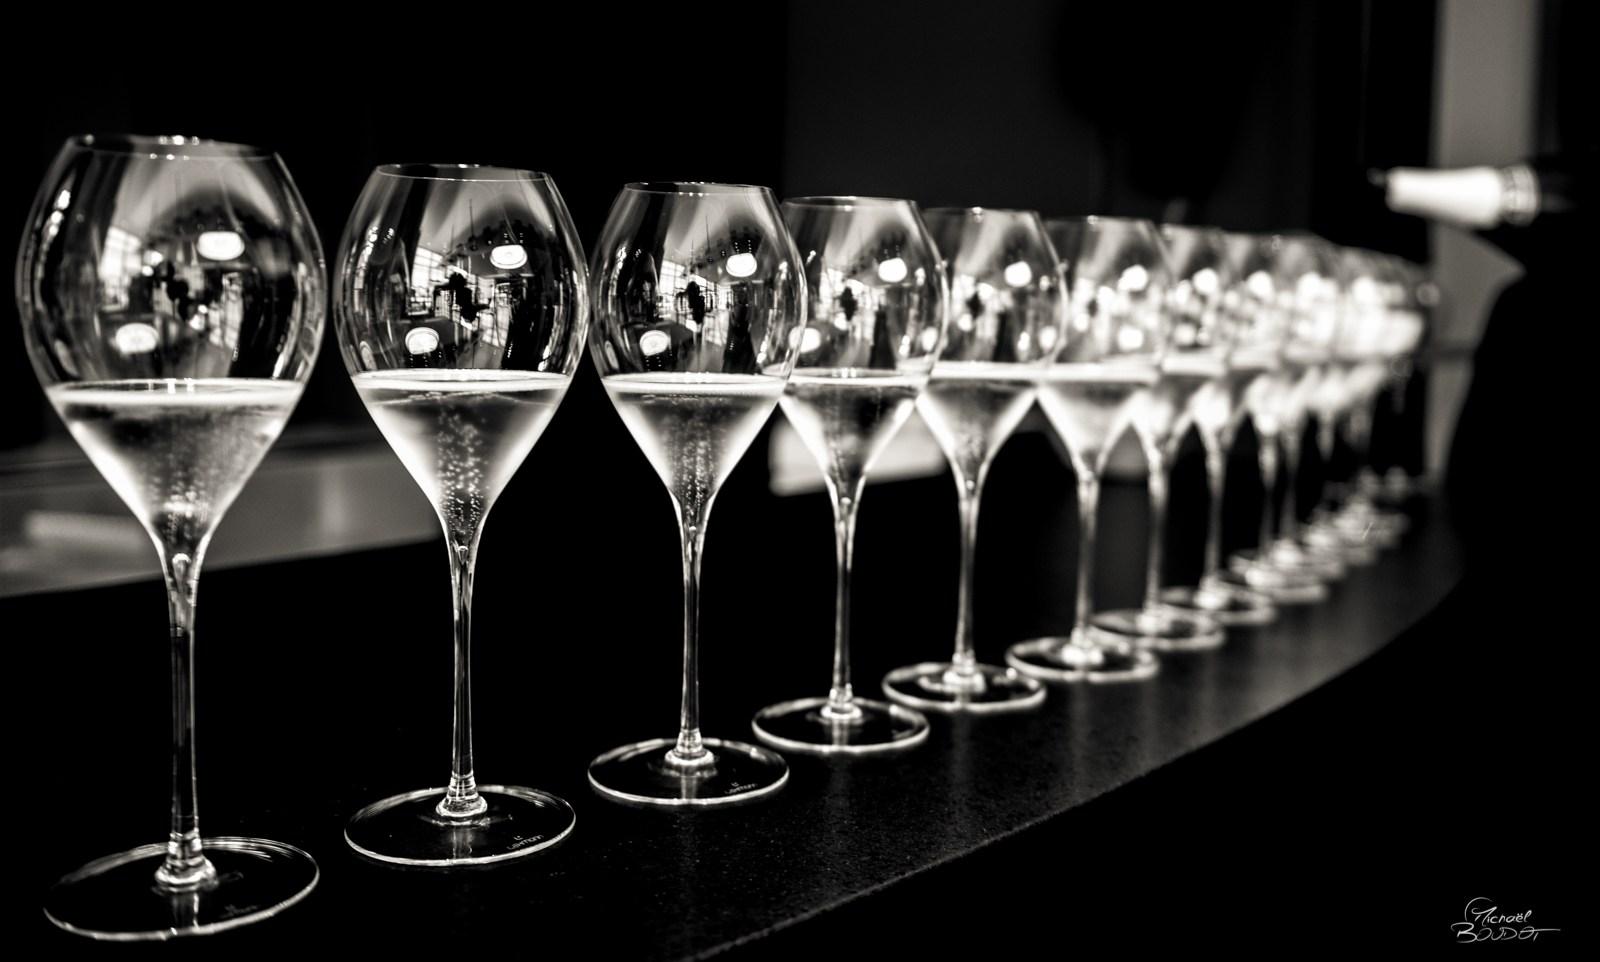 嶄新的香檳體驗 - 雷曼大師 JAMESSE 球體香檳杯